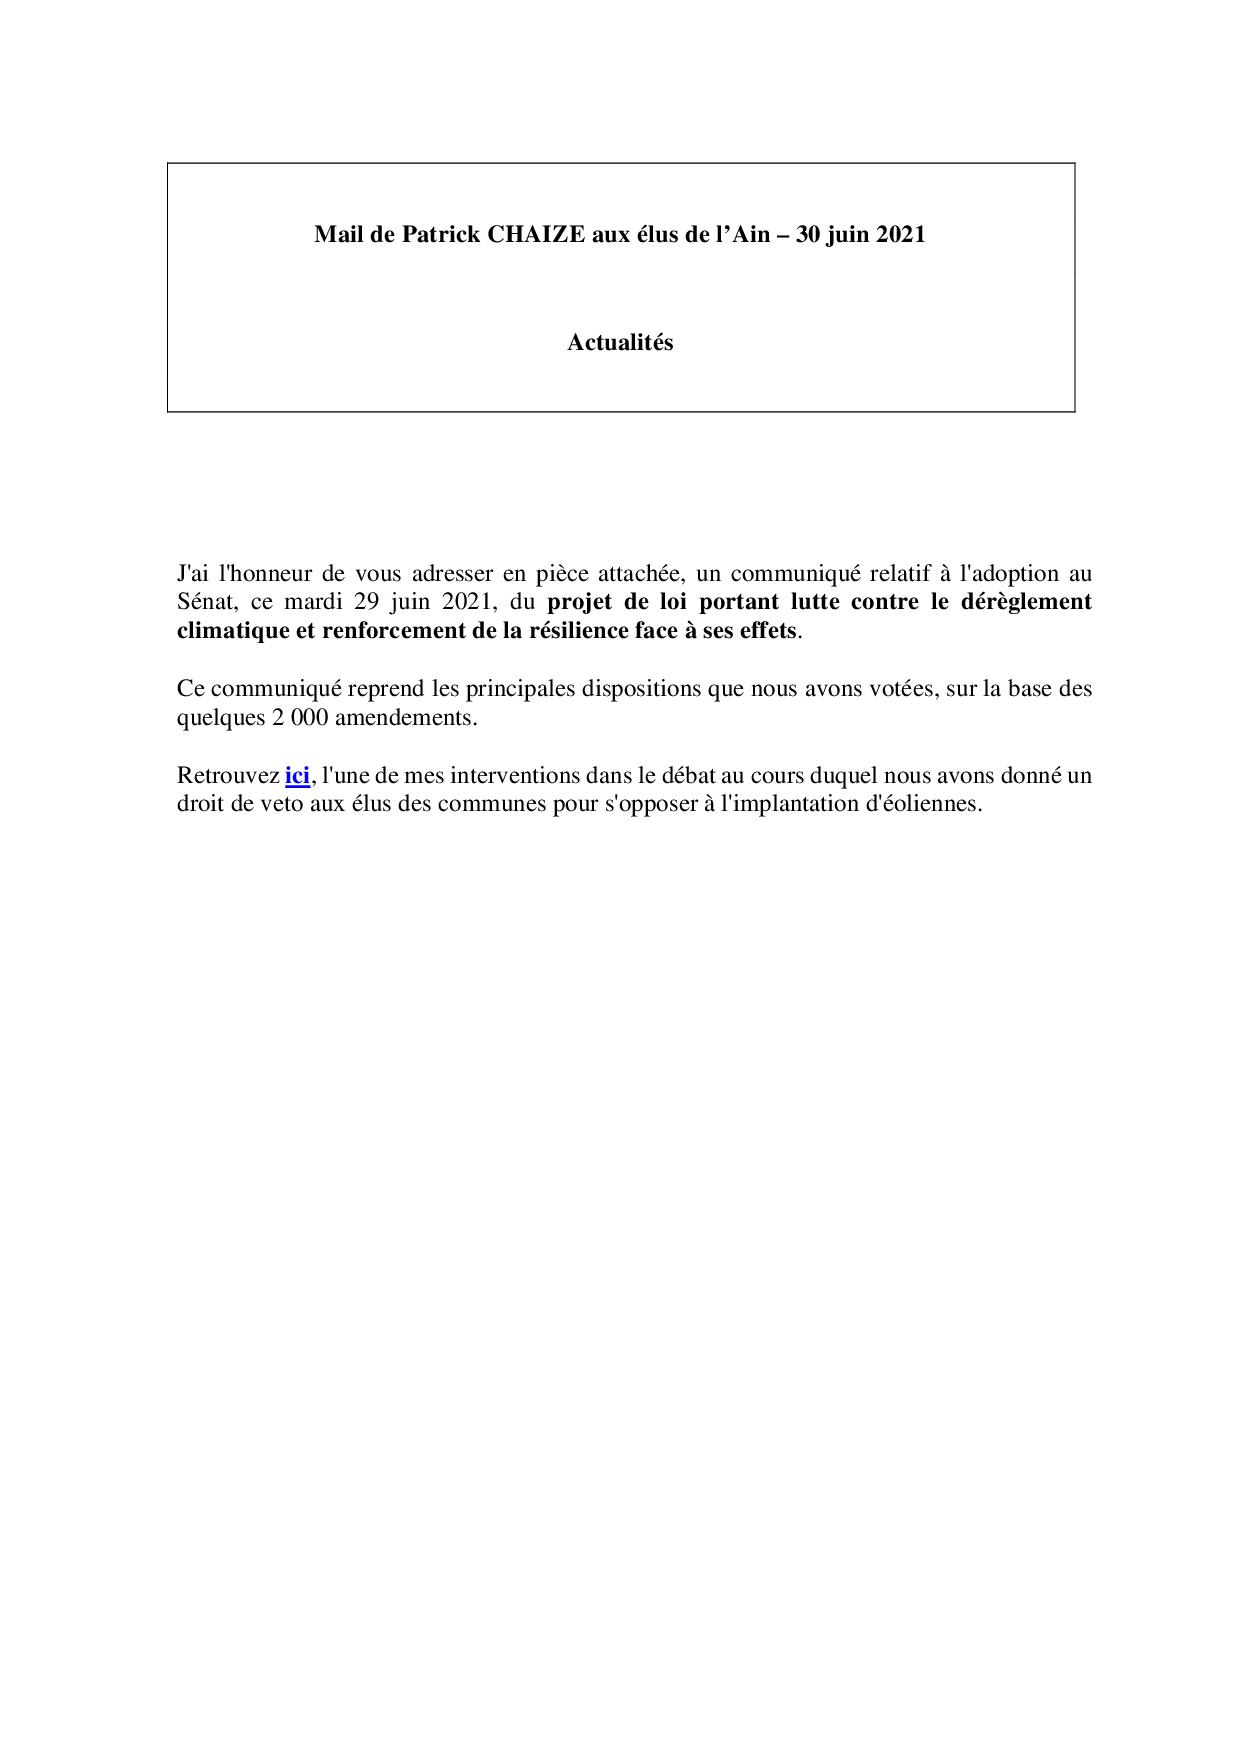 Mail_Information_Communiqué_Elus_Ain_N°79_20210630